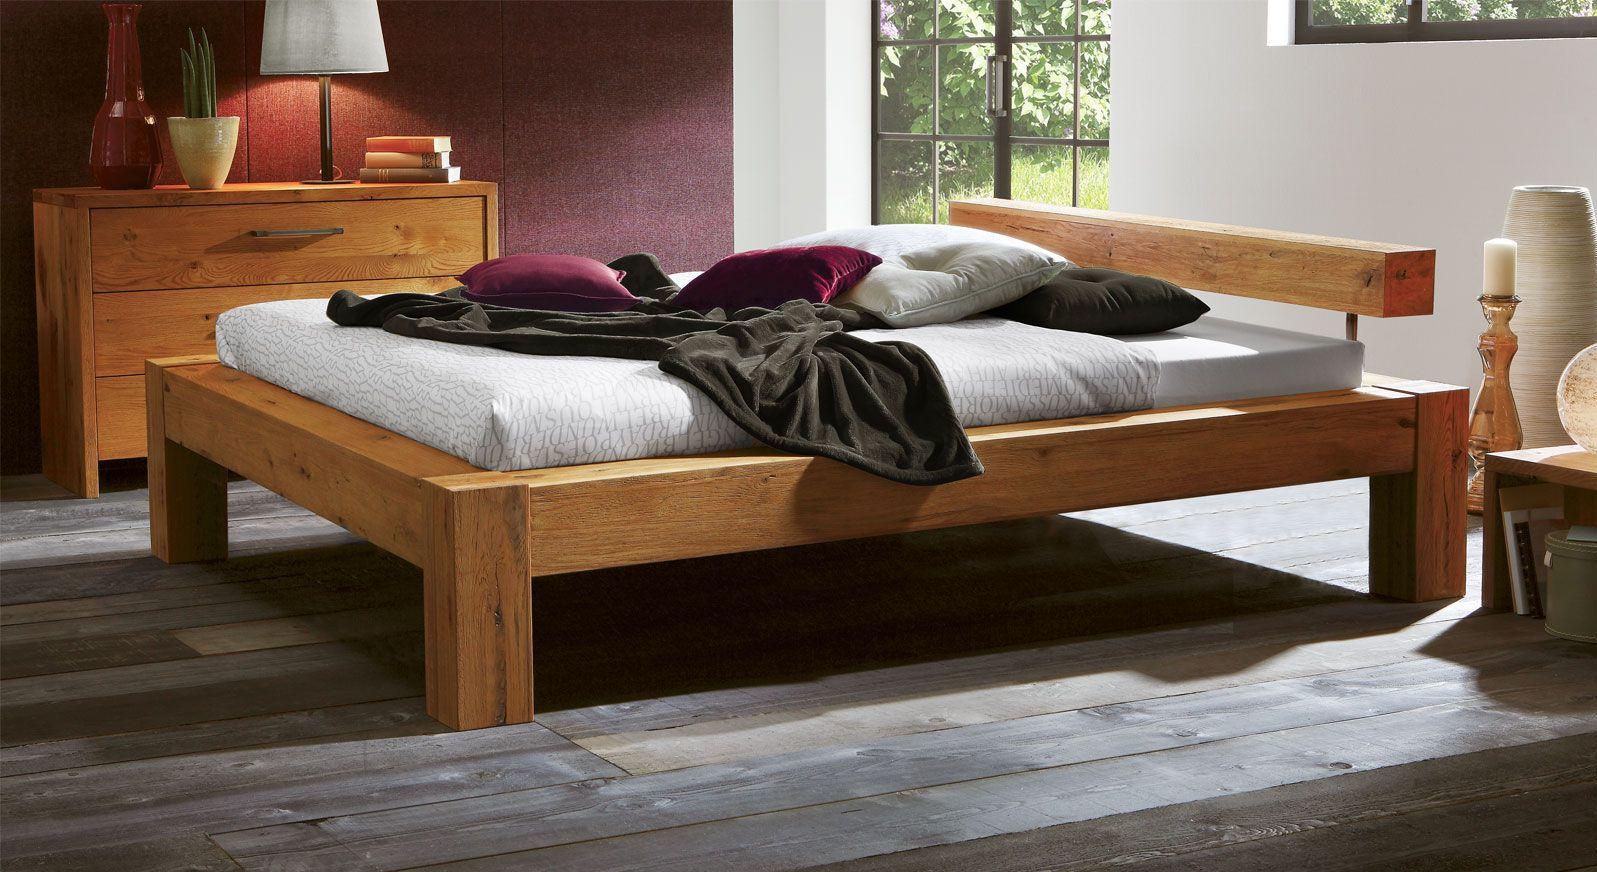 Komforthöhe Bett Rustico aus Wildeiche